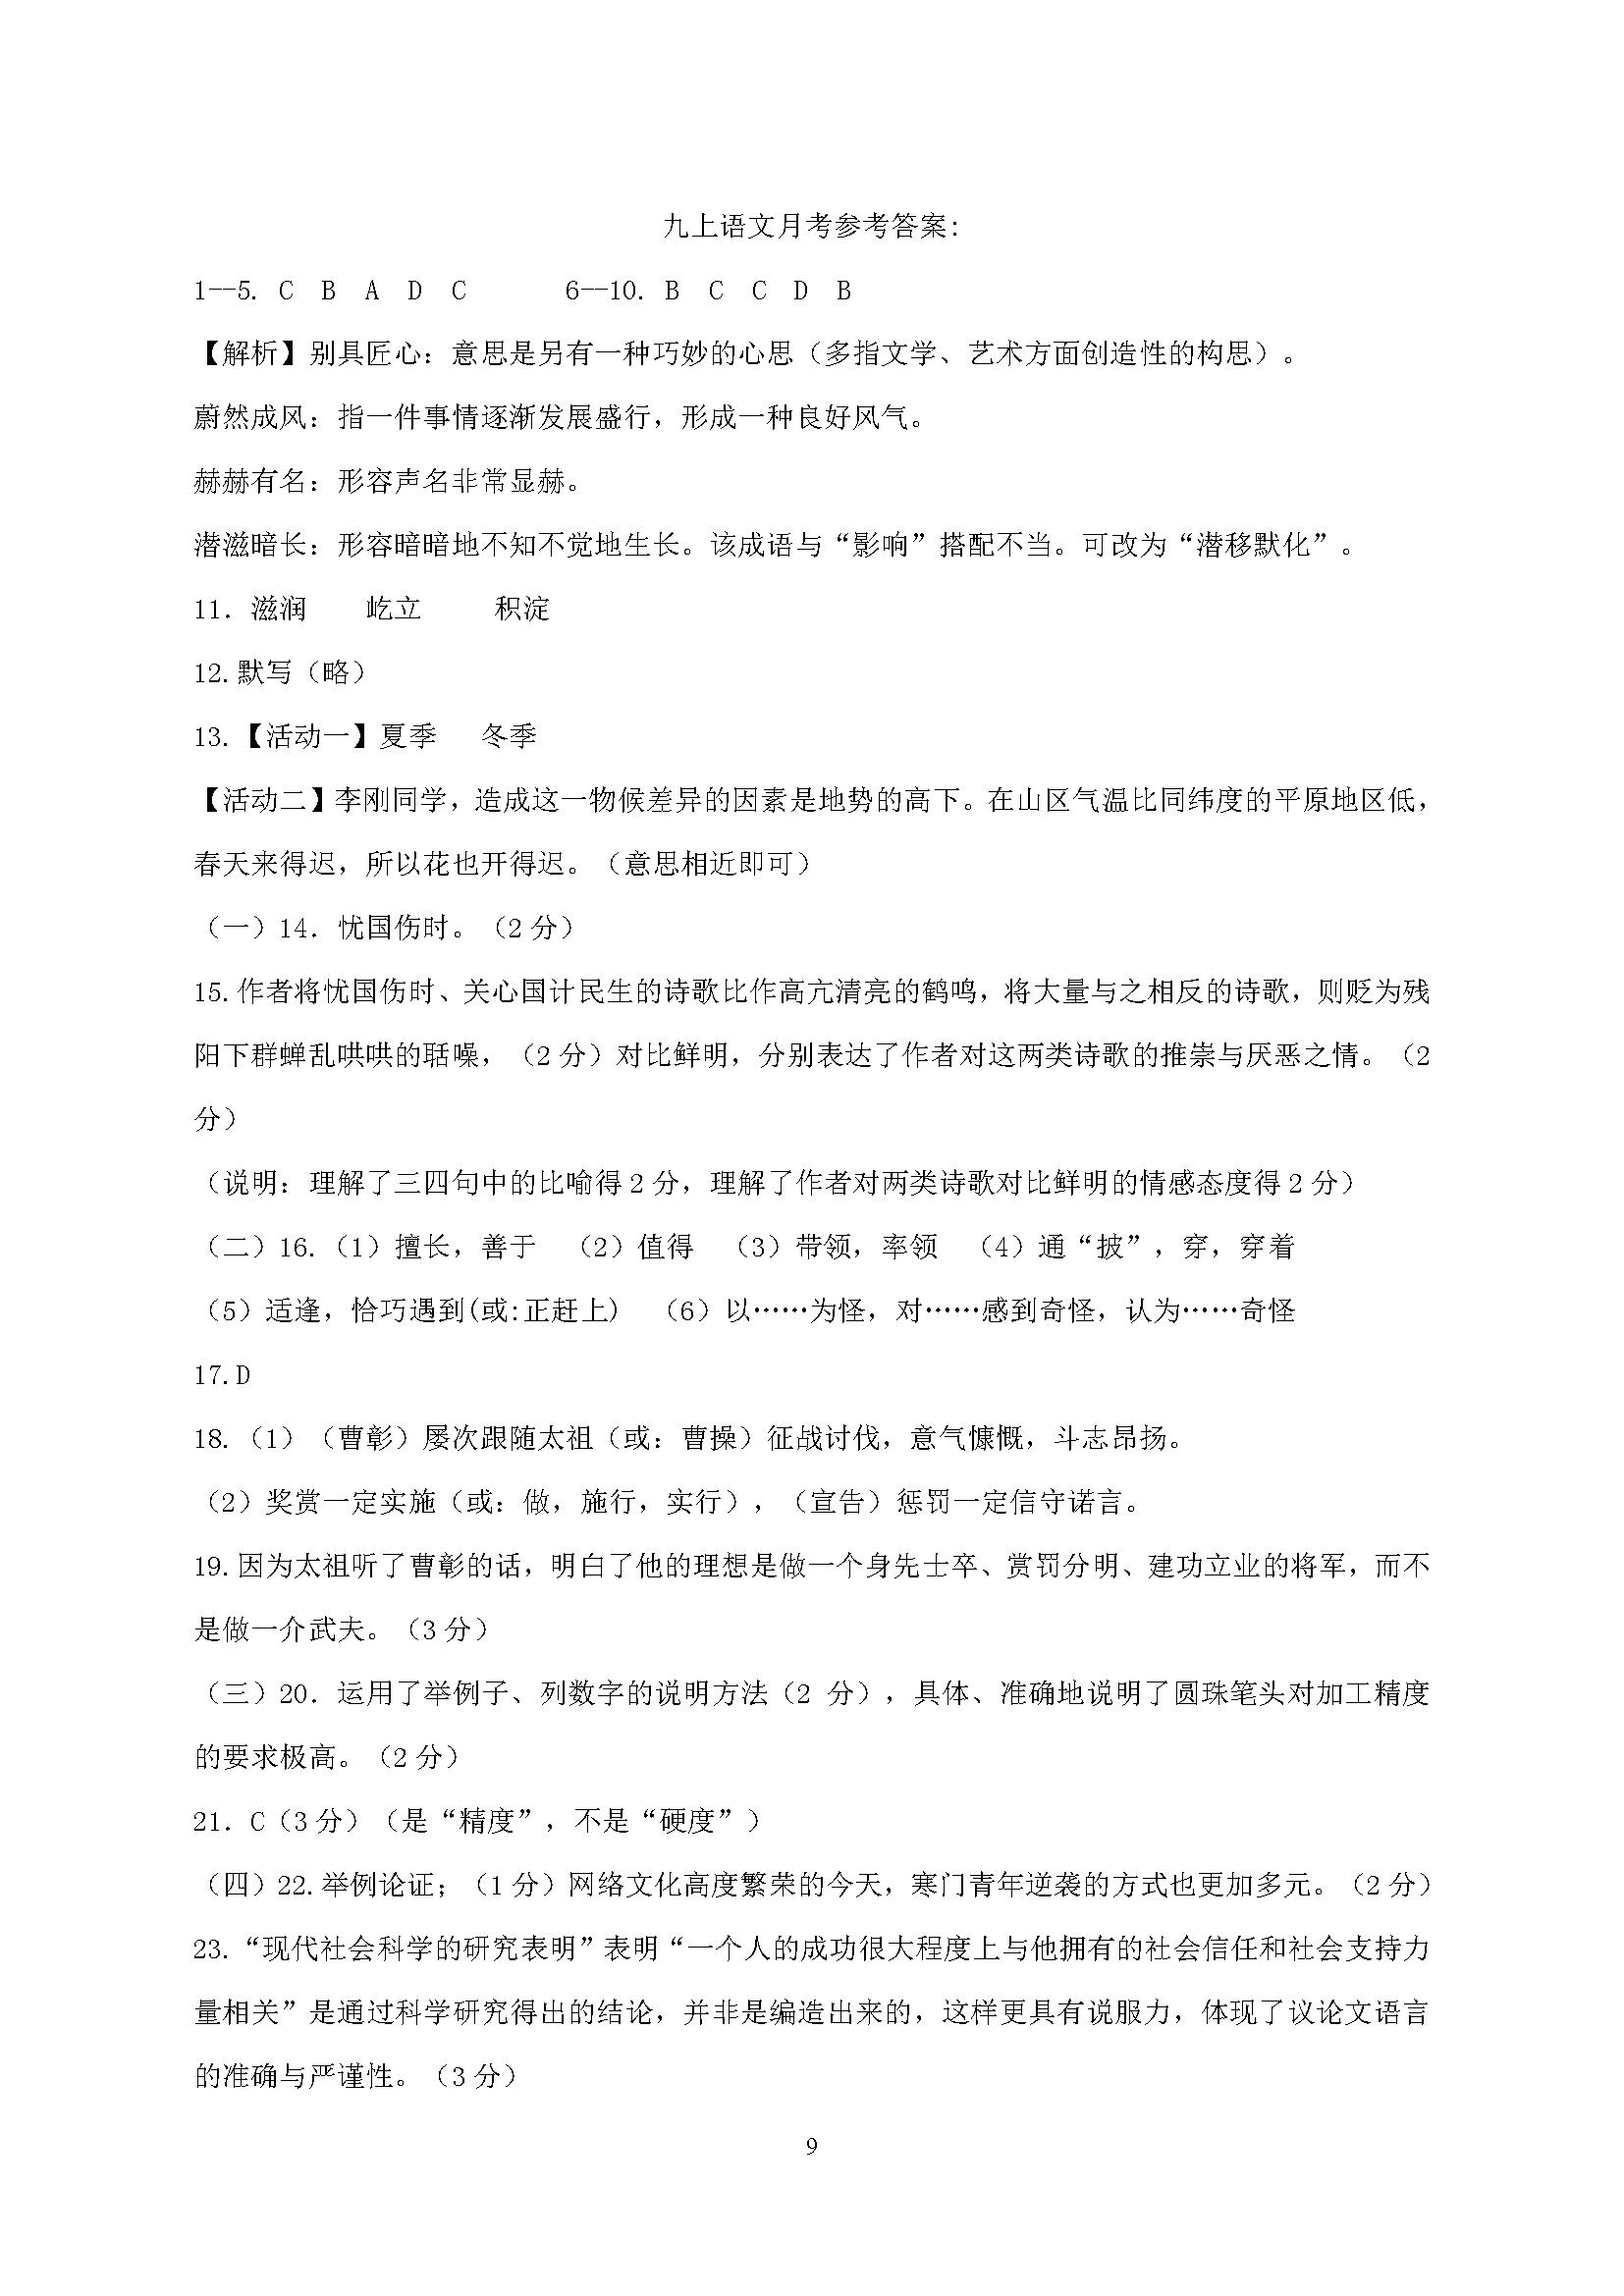 江苏扬州竹西中学2018九年级10月月考语文试题答案(图片版)